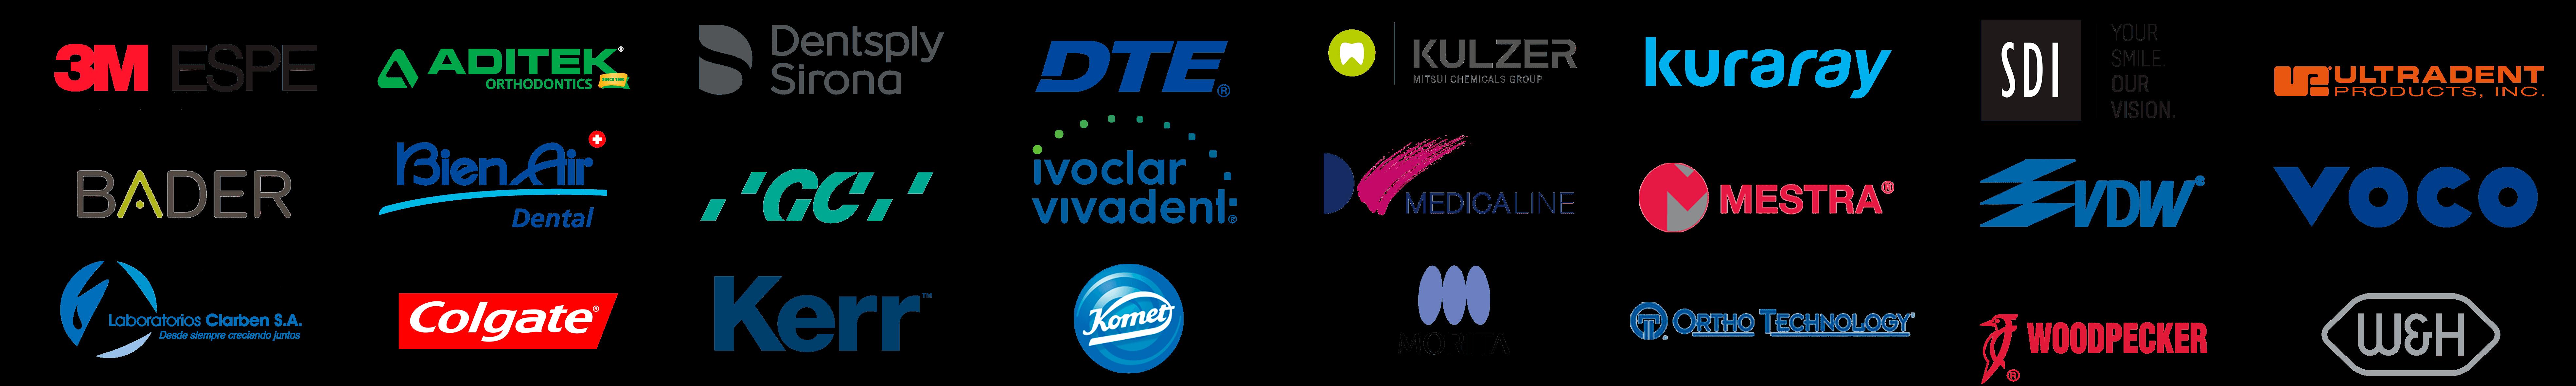 Dentaltix's partners for the Expodental 2020